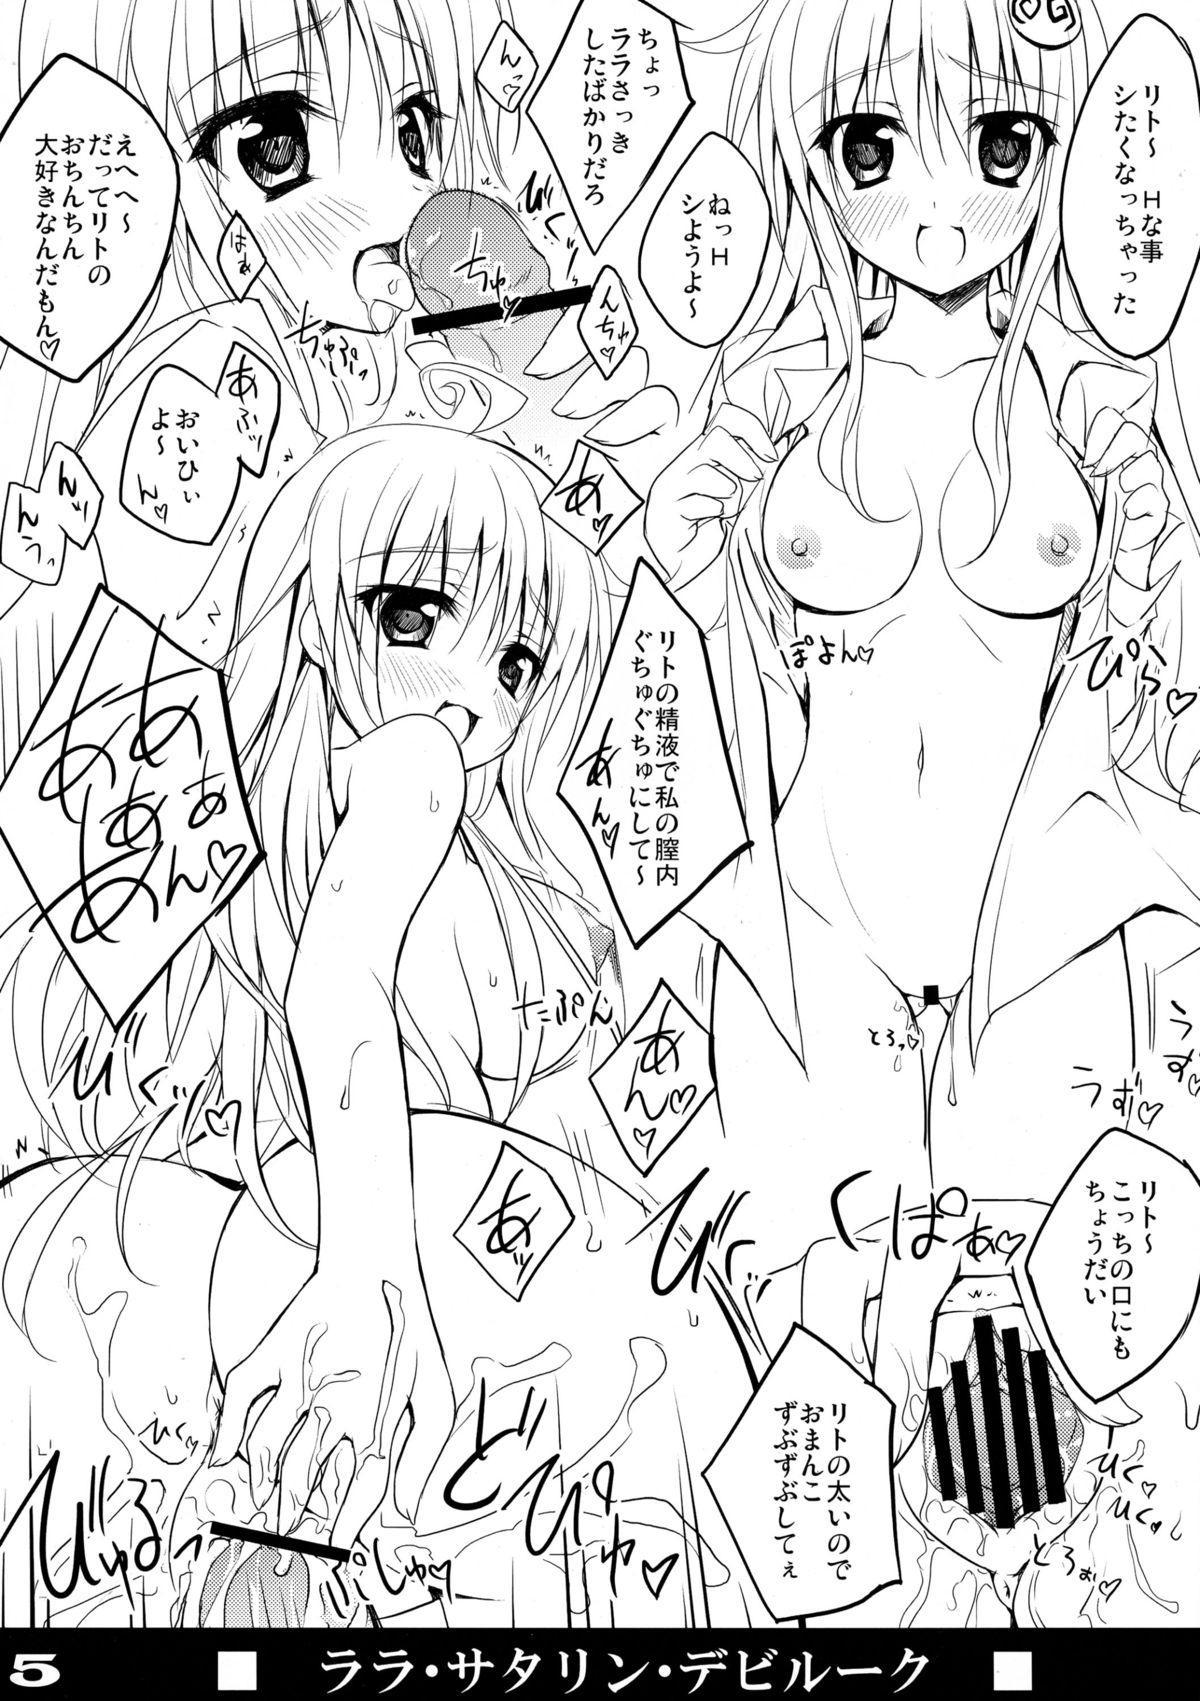 Ecchii no wa ○○ desu! 4